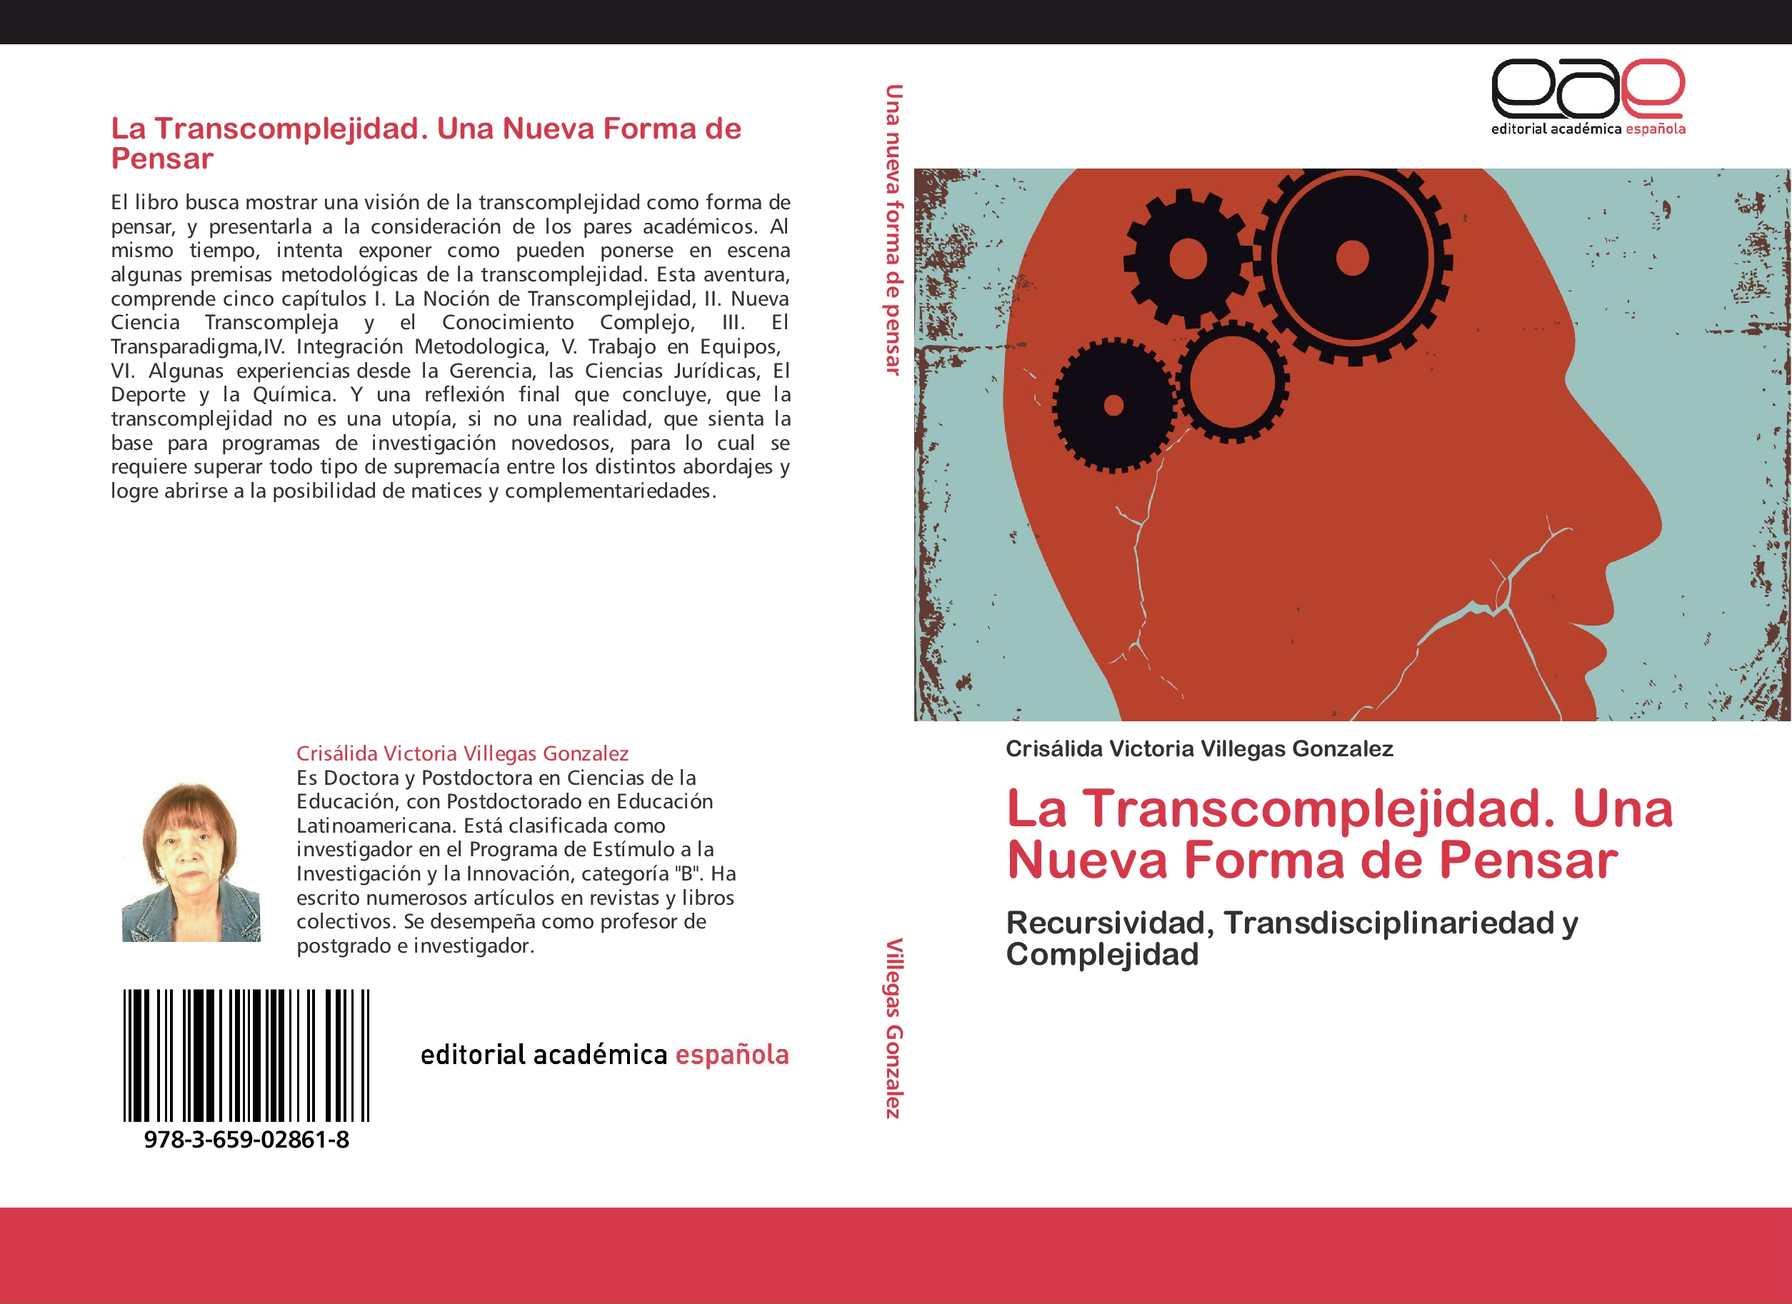 Librolatranscomplejidad Unanuevaformadepensar